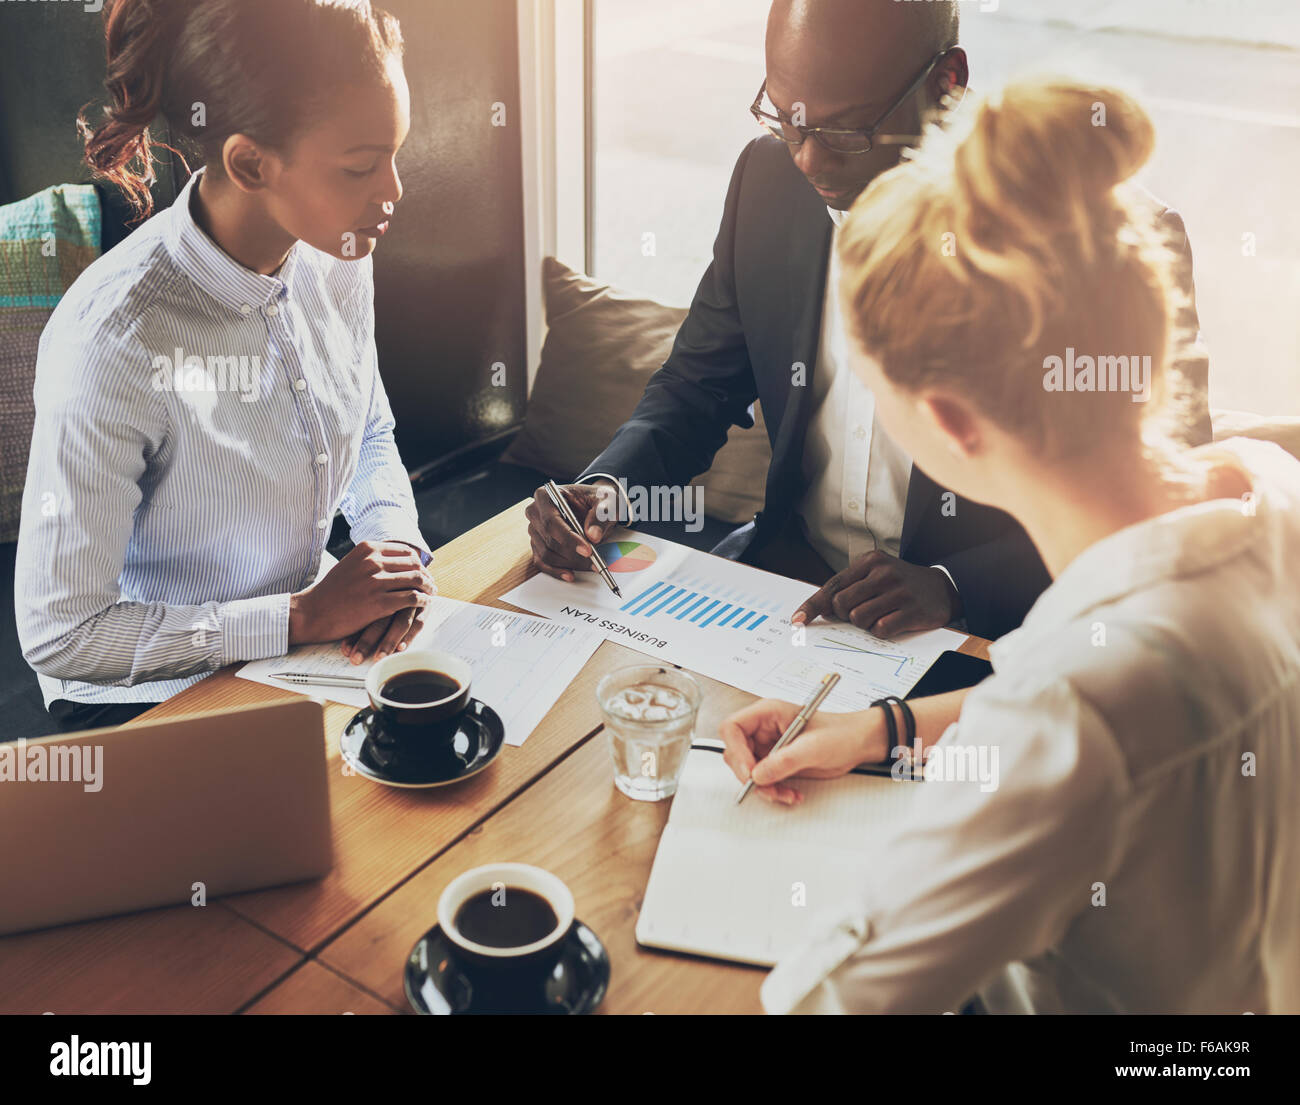 Gente de negocios discutiendo las tablas y gráficos que muestran los resultados de su exitoso trabajo en equipo, Foto de stock